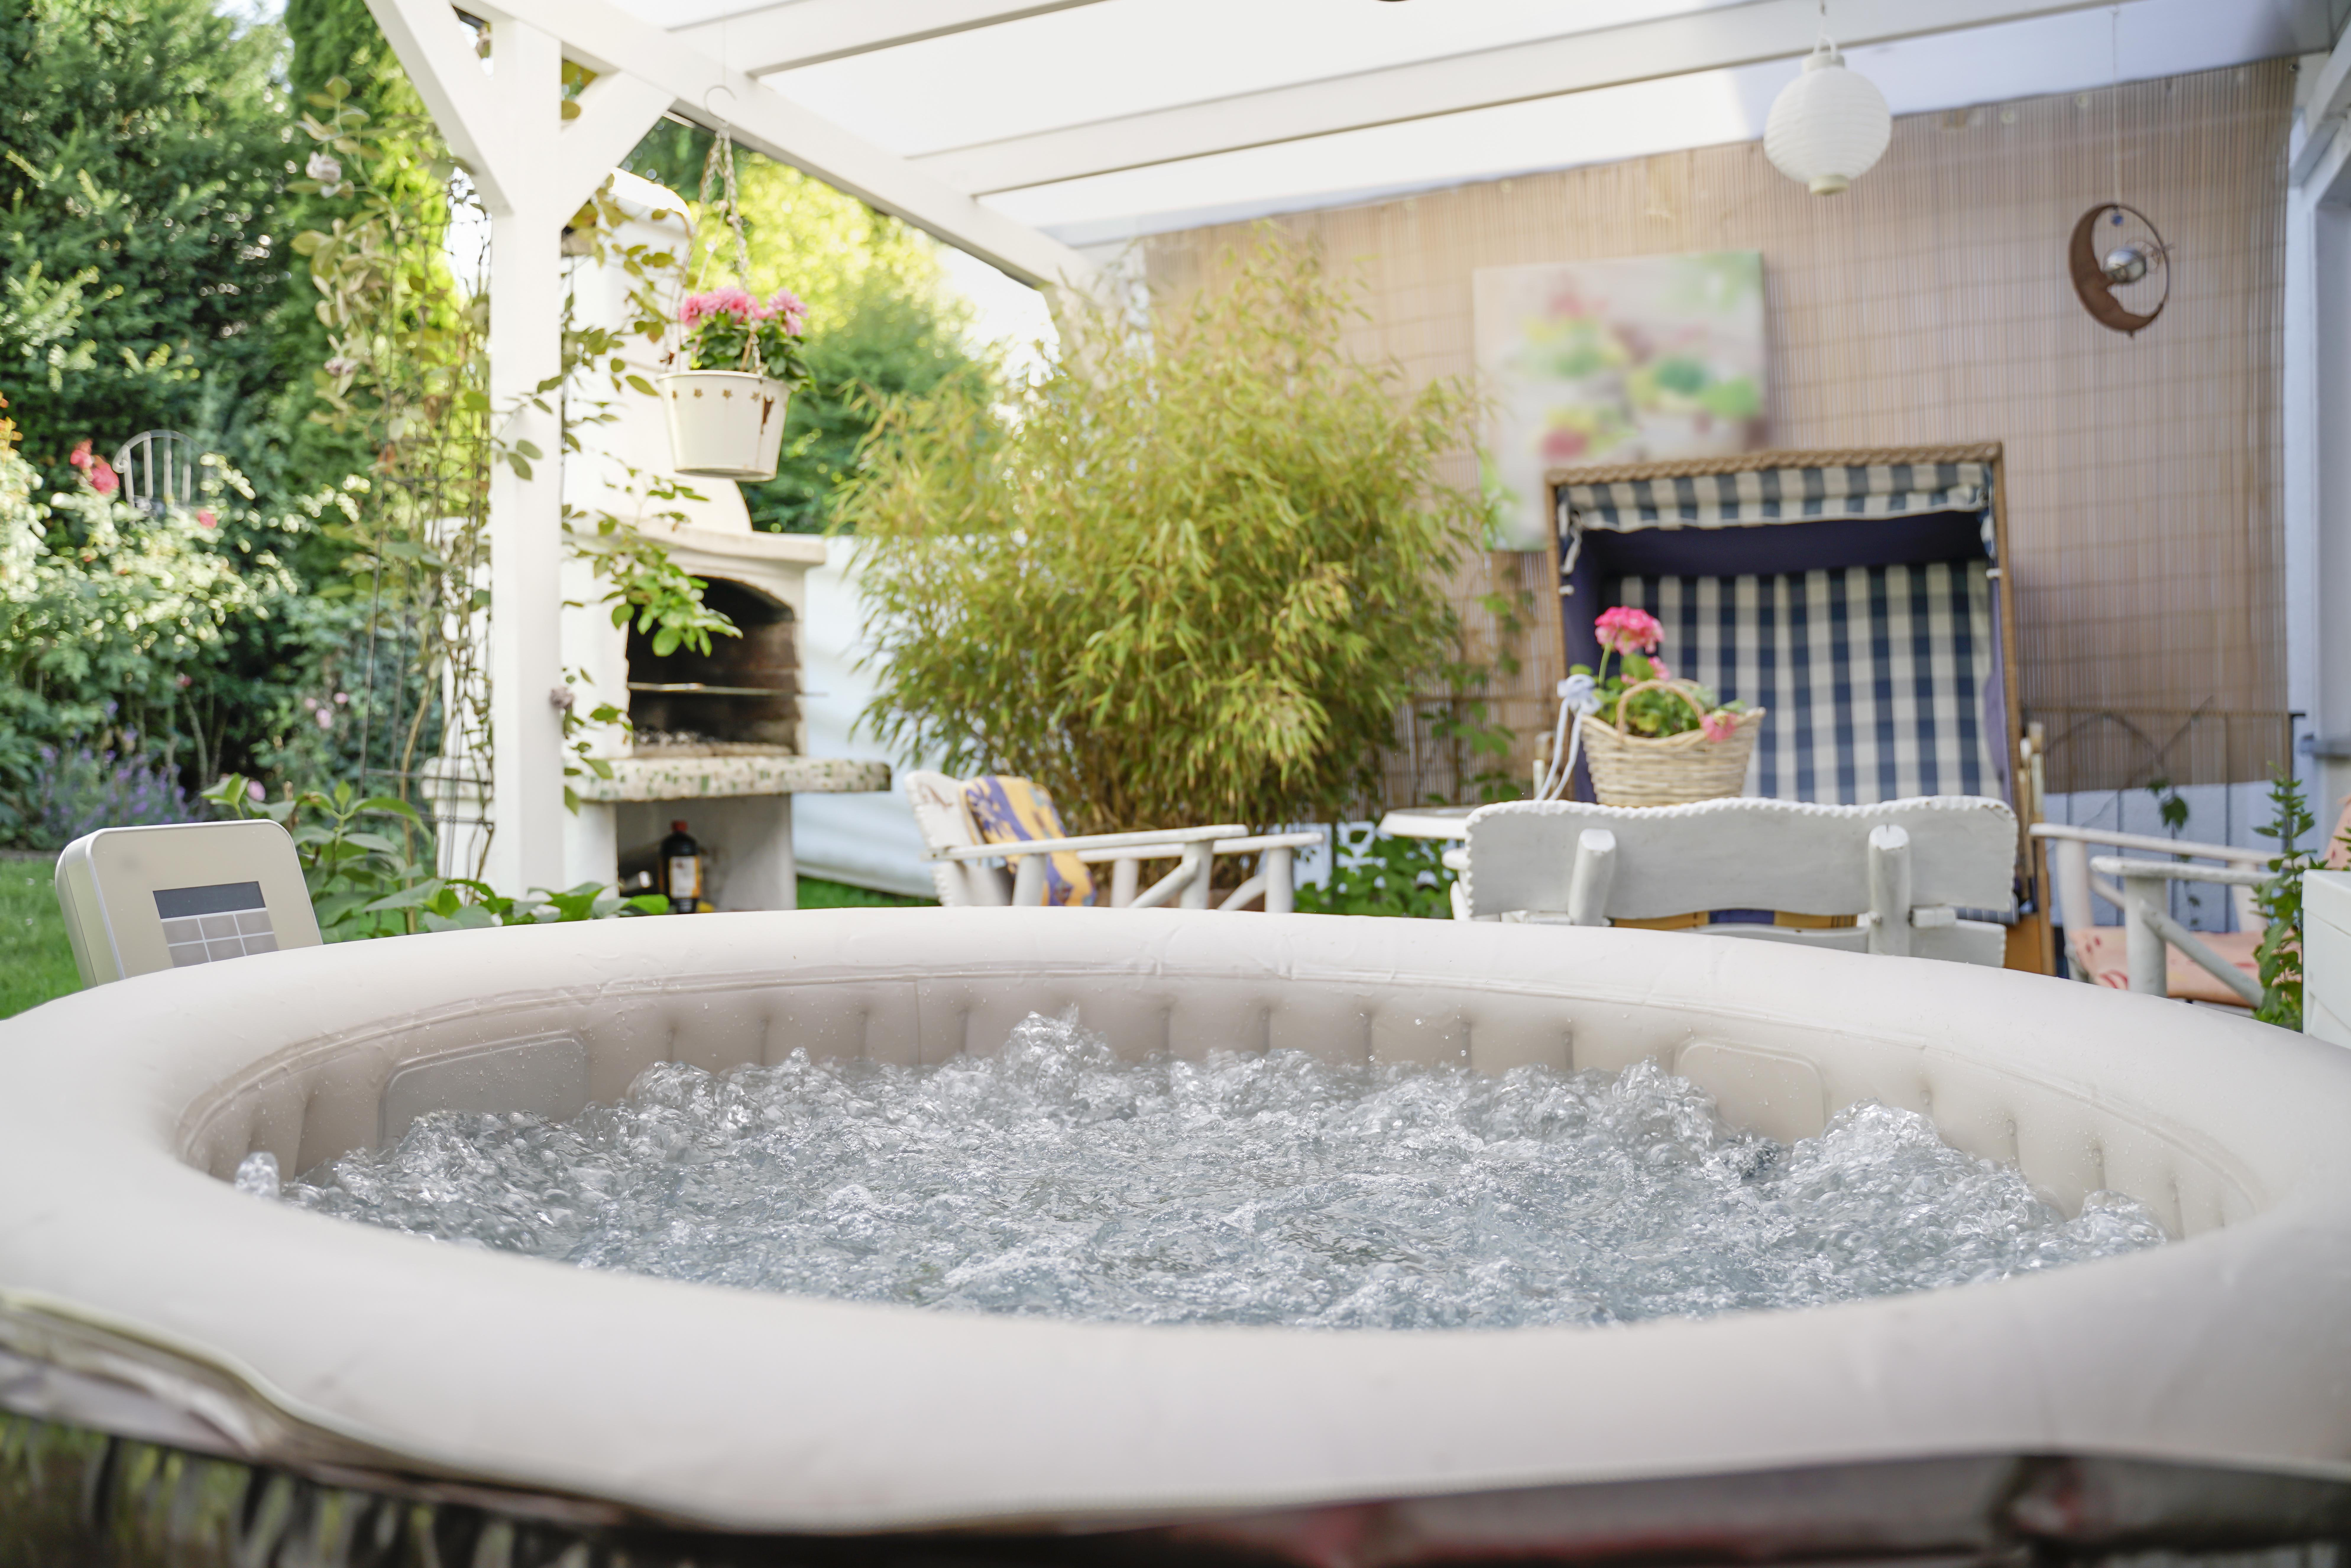 comment installer un spa gonflable chez soi sous les conseils d 39 experts